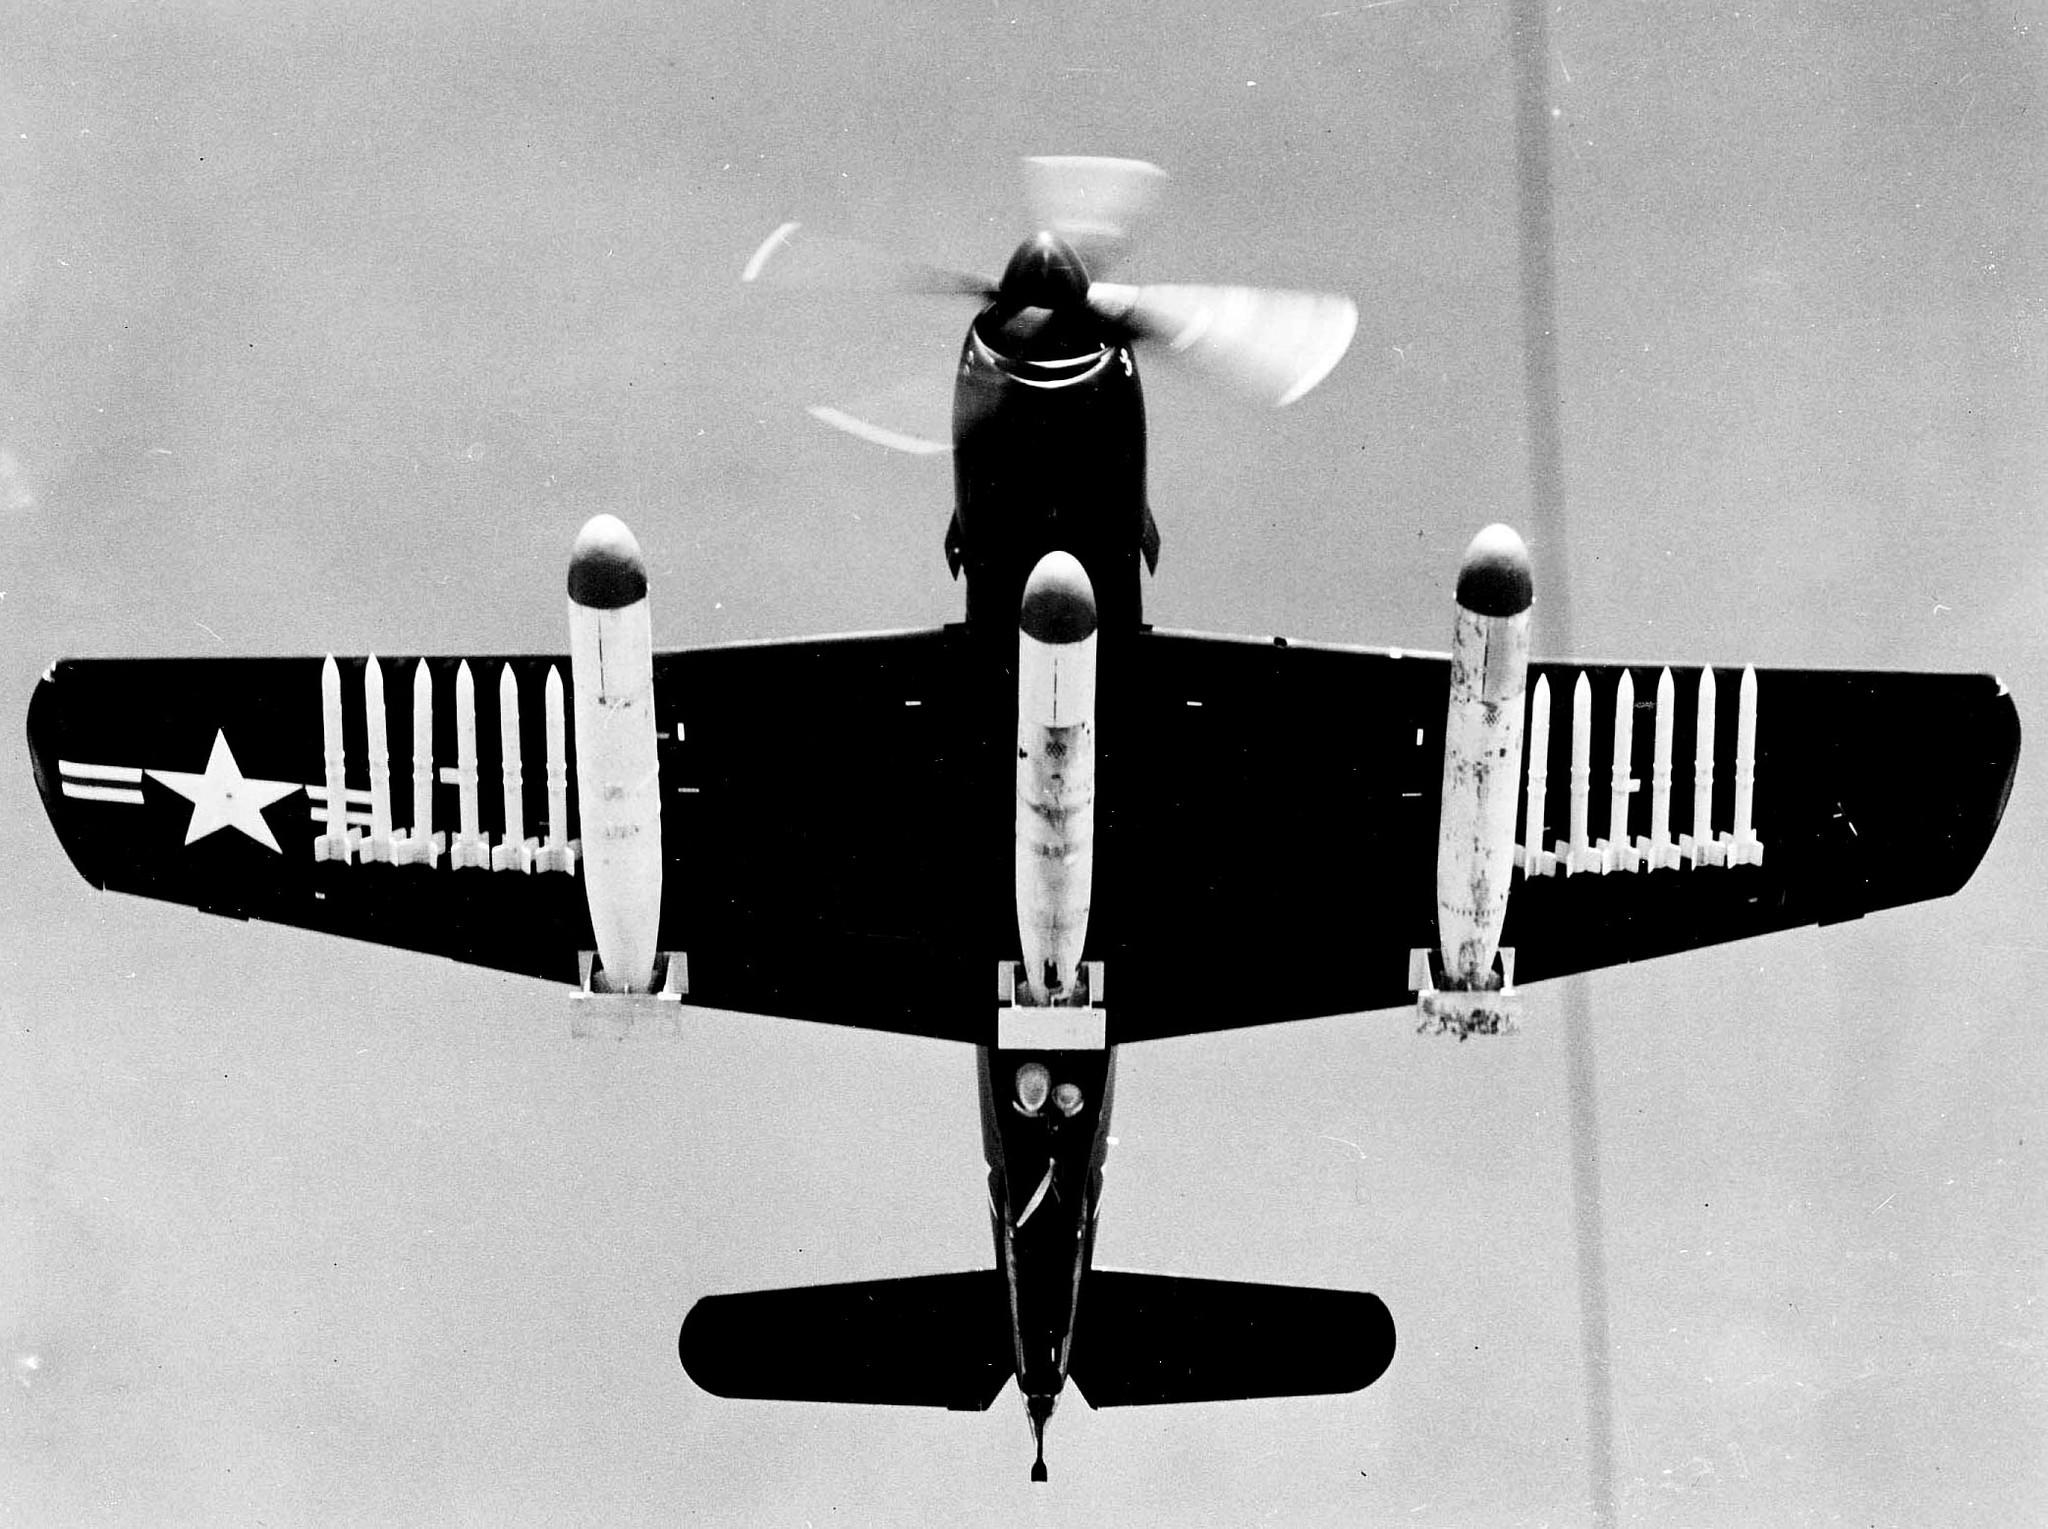 Martin AM Mauler s-523